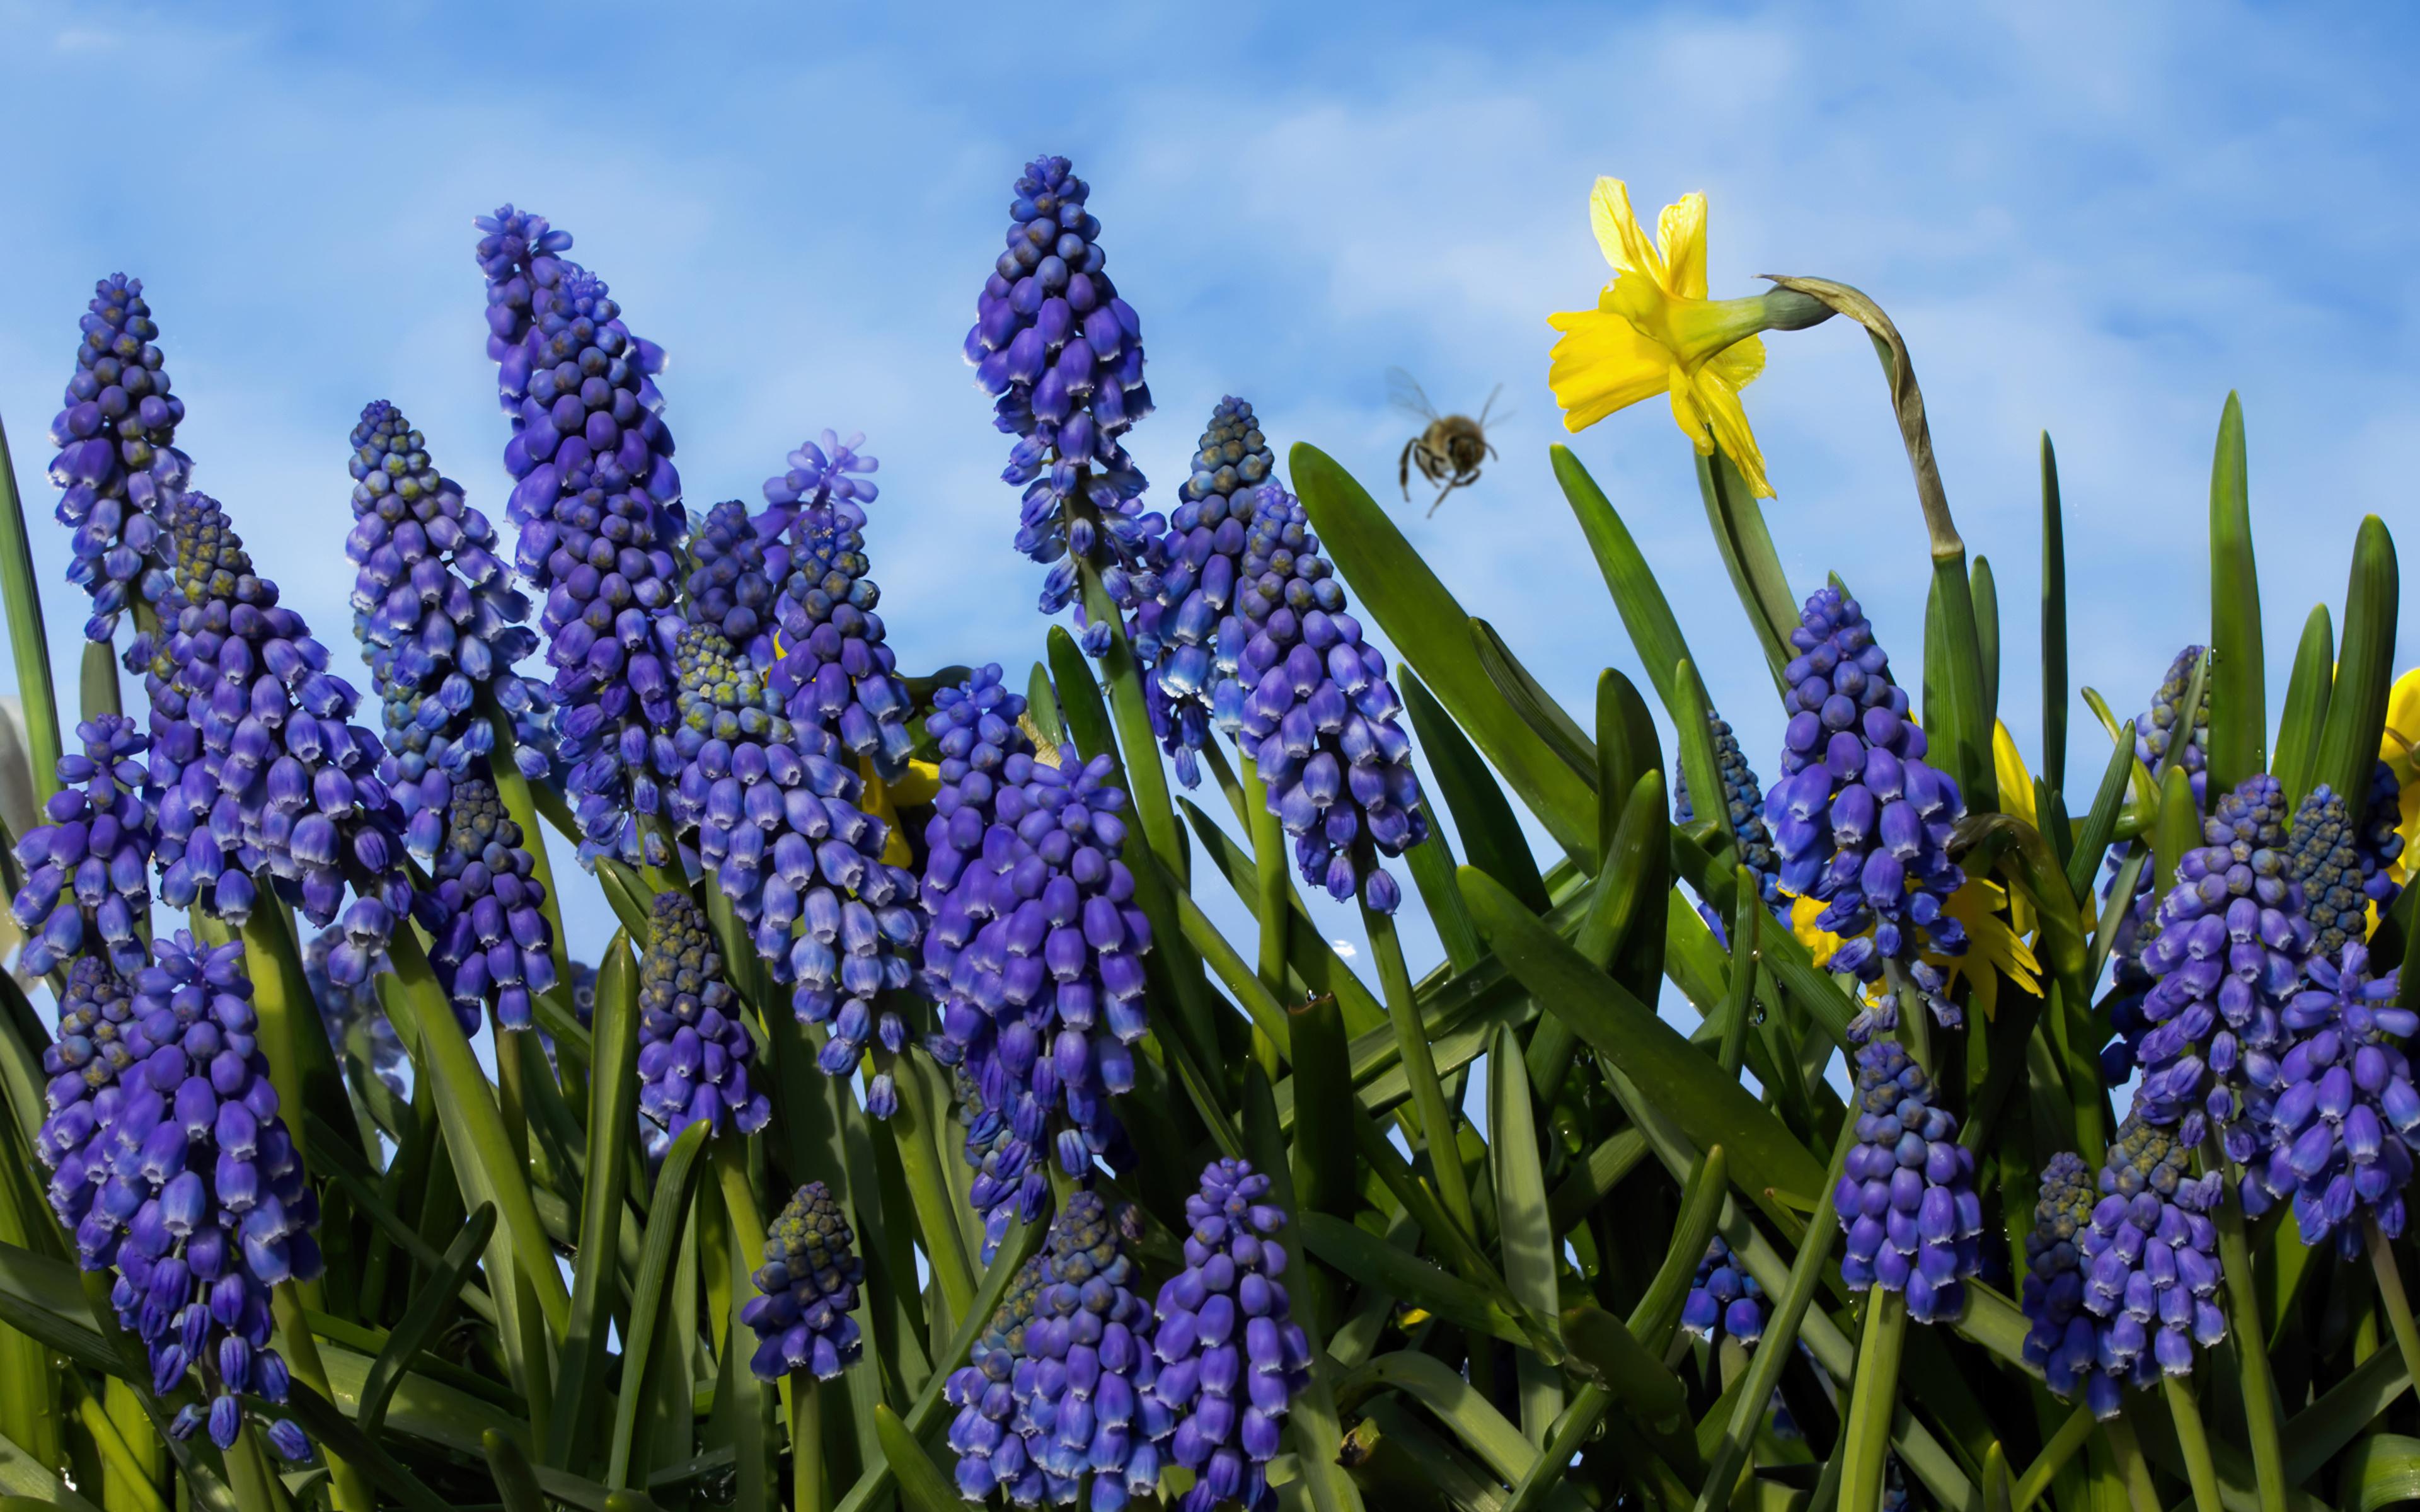 Фотографии Muscari Цветы Нарциссы Гиацинты Крупным планом 3840x2400 цветок вблизи